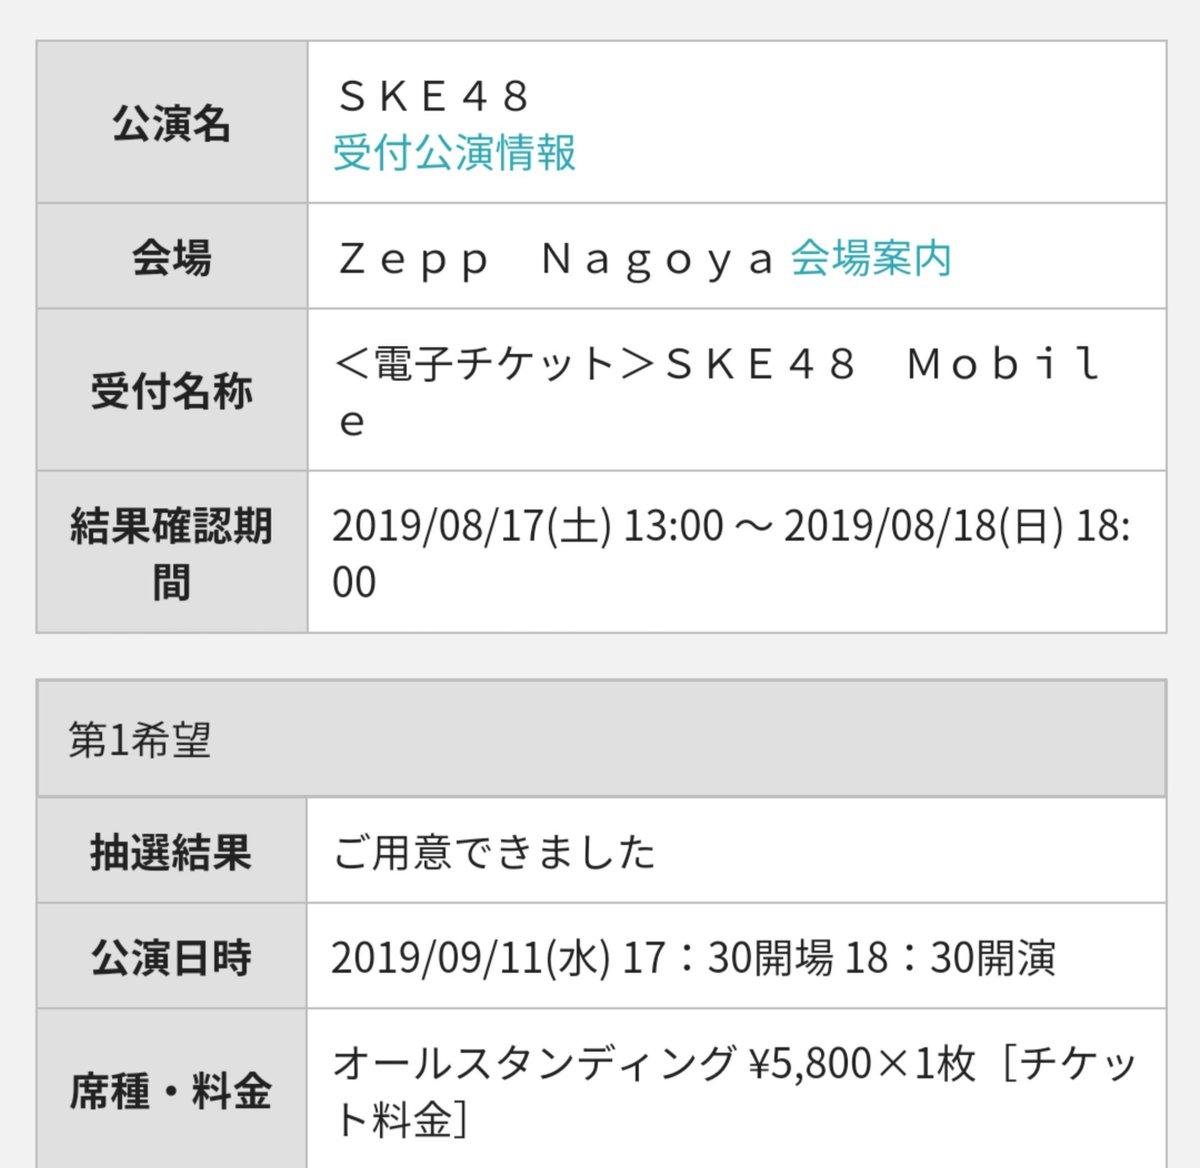 test ツイッターメディア - スタンディング当選してた! 一番見たいのは北野瑠華c😃 ー SKE48 6期生 Zepp Nagoya 単独ライブ https://t.co/FnPgJkt7RU